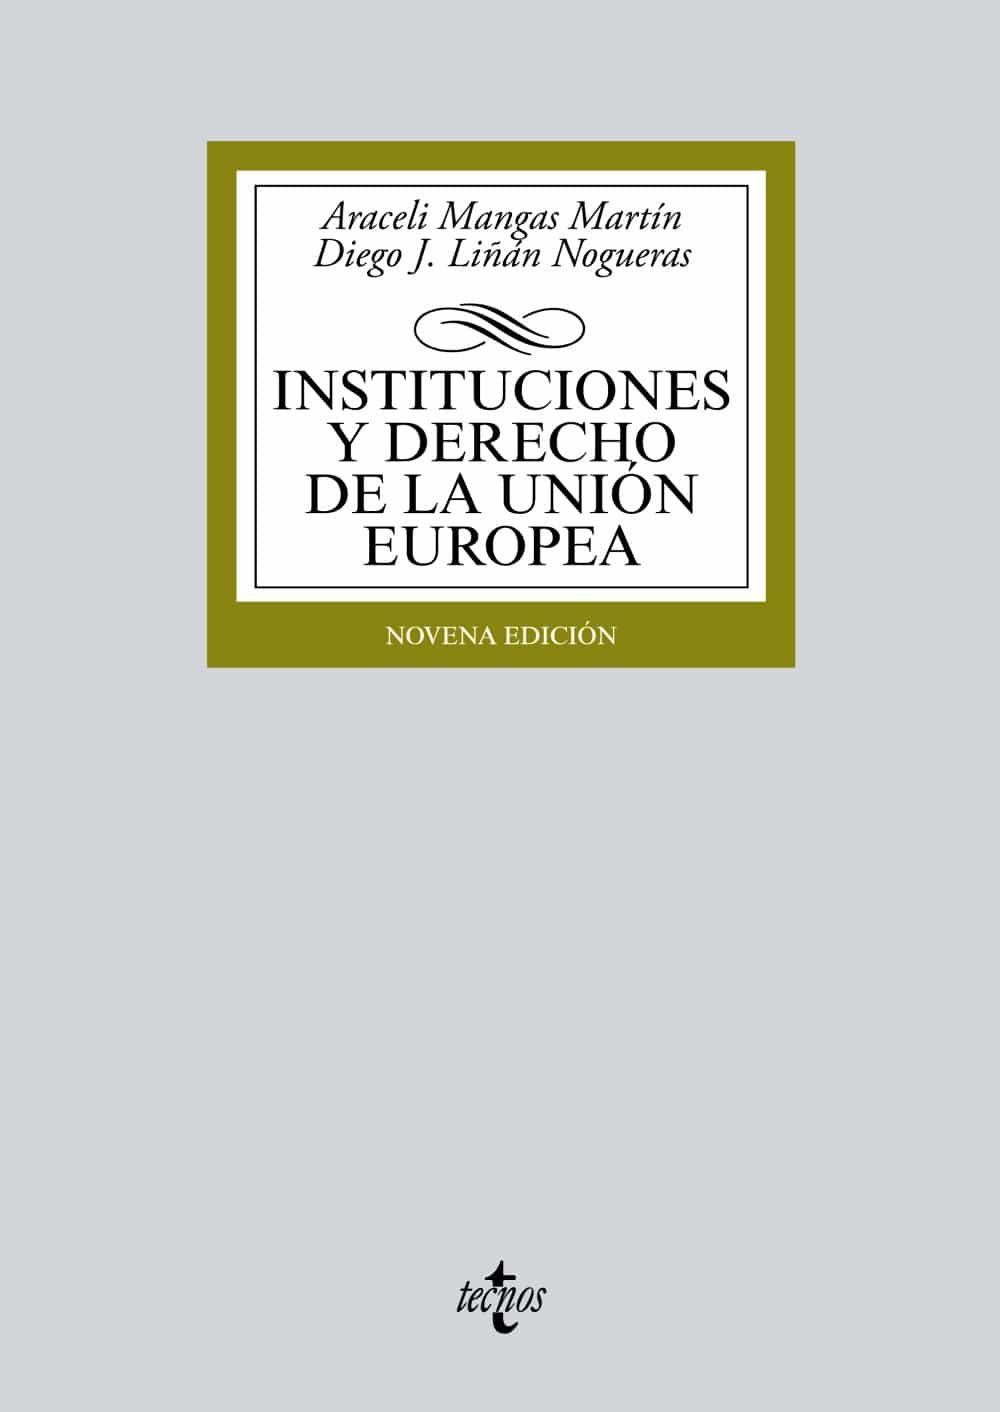 instituciones y derecho de la unión europea (7ª ed)-araceli mangas martin-9788430969722